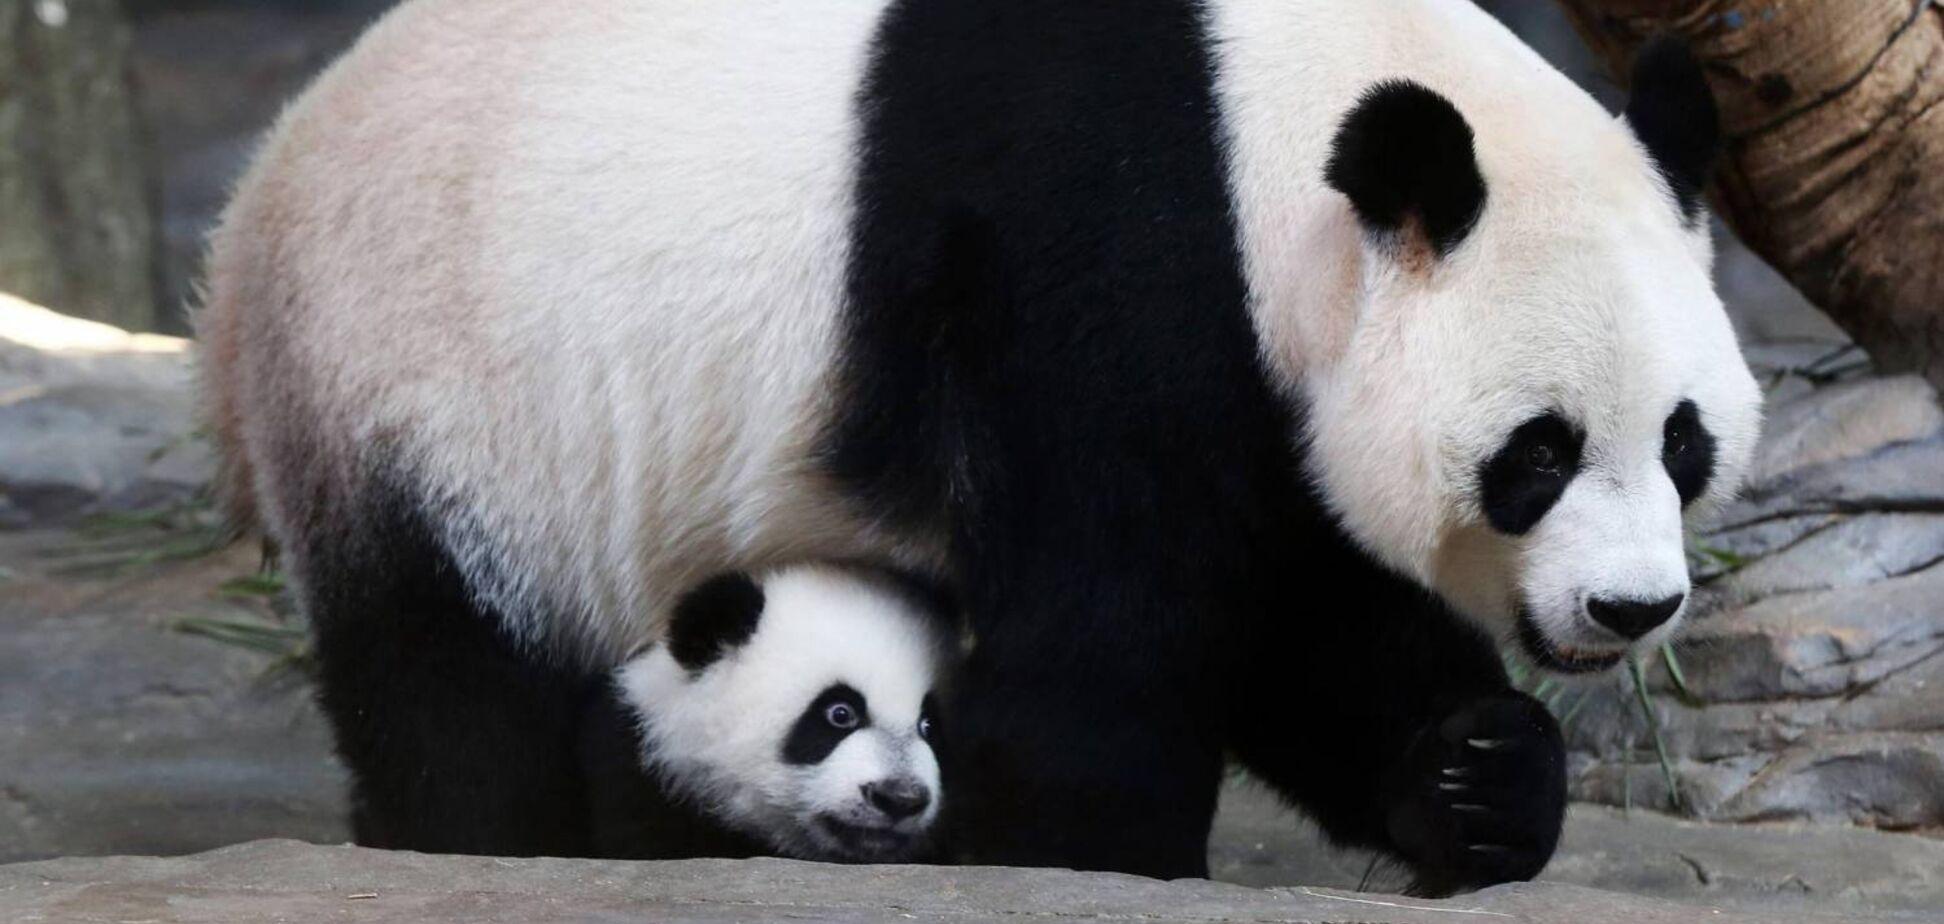 Гигантская панда: питание, поведение, особенности